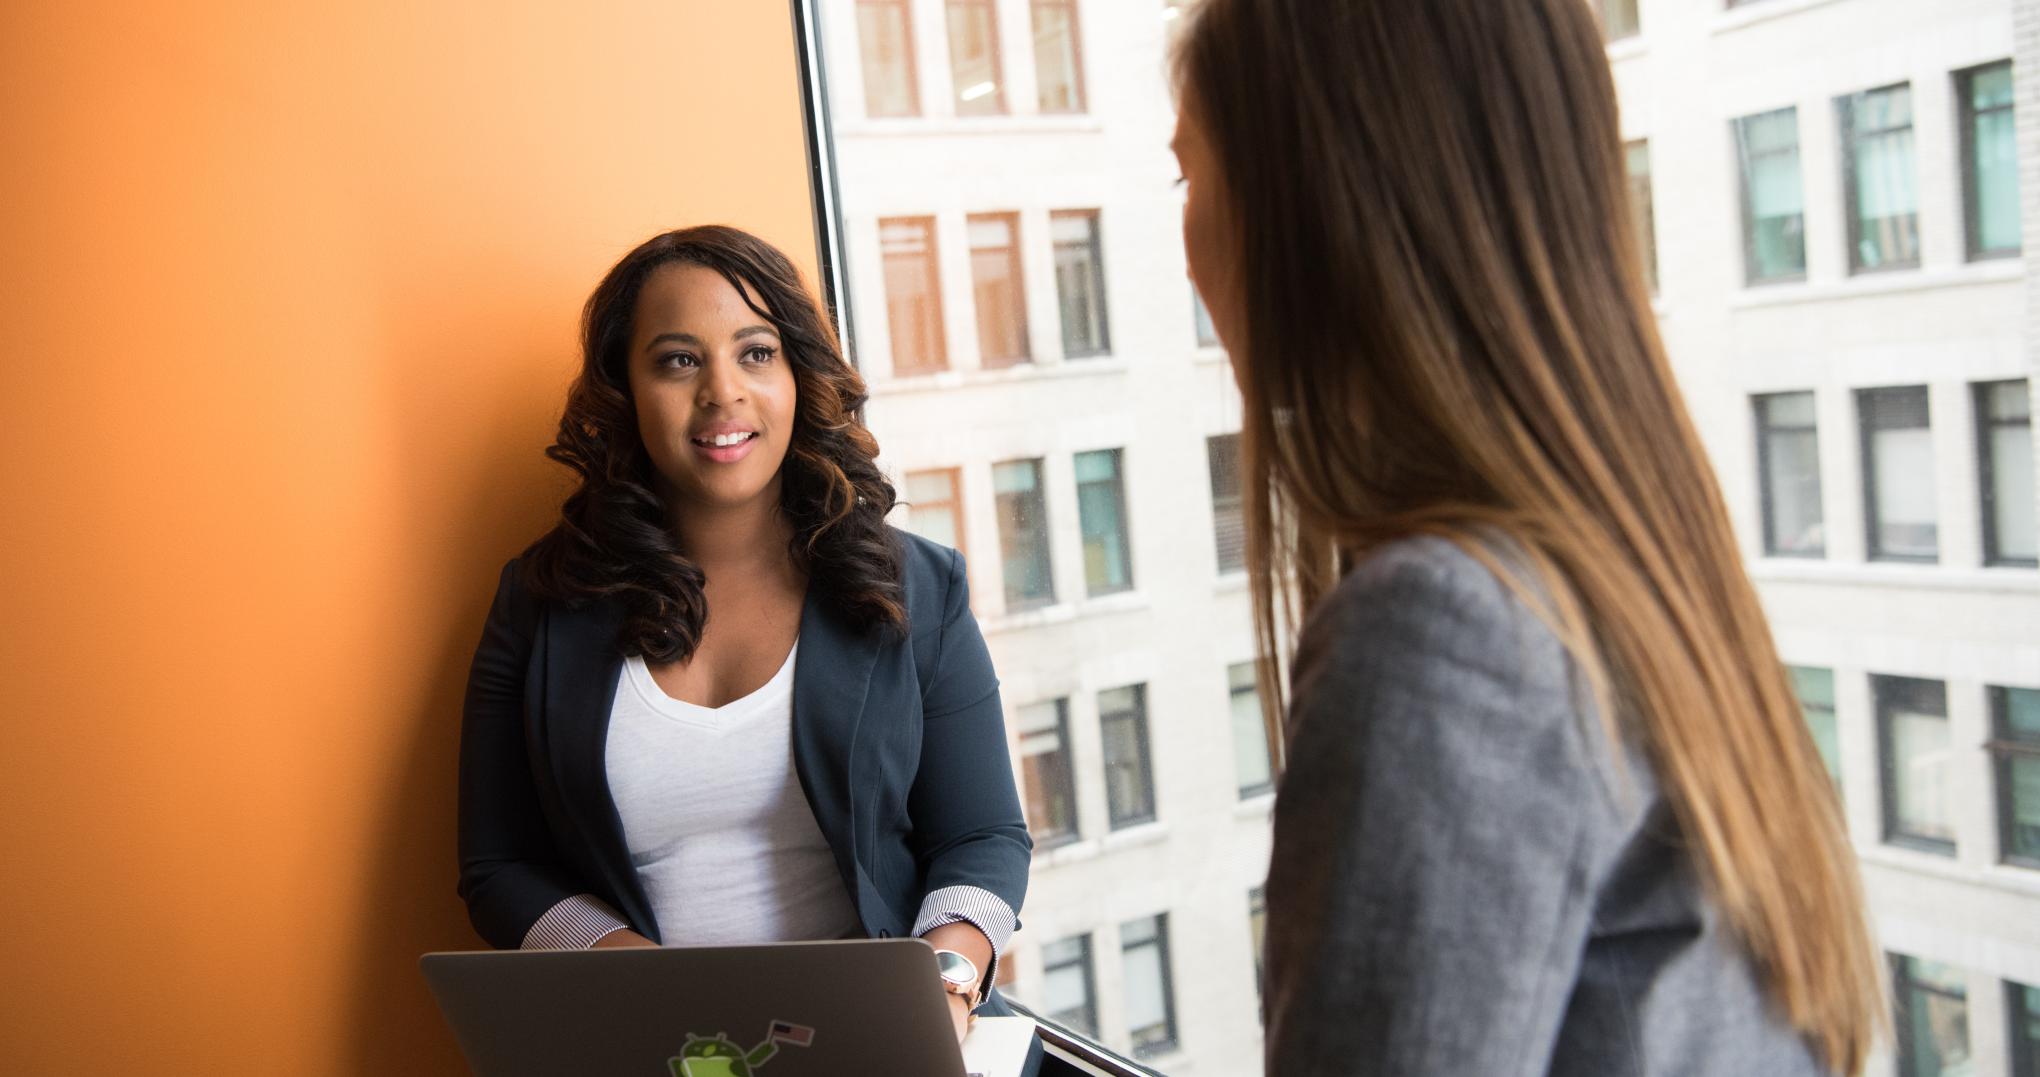 L'entretien professionnel de reprise ou comment gérer le retour d'un salarié après une longue absence